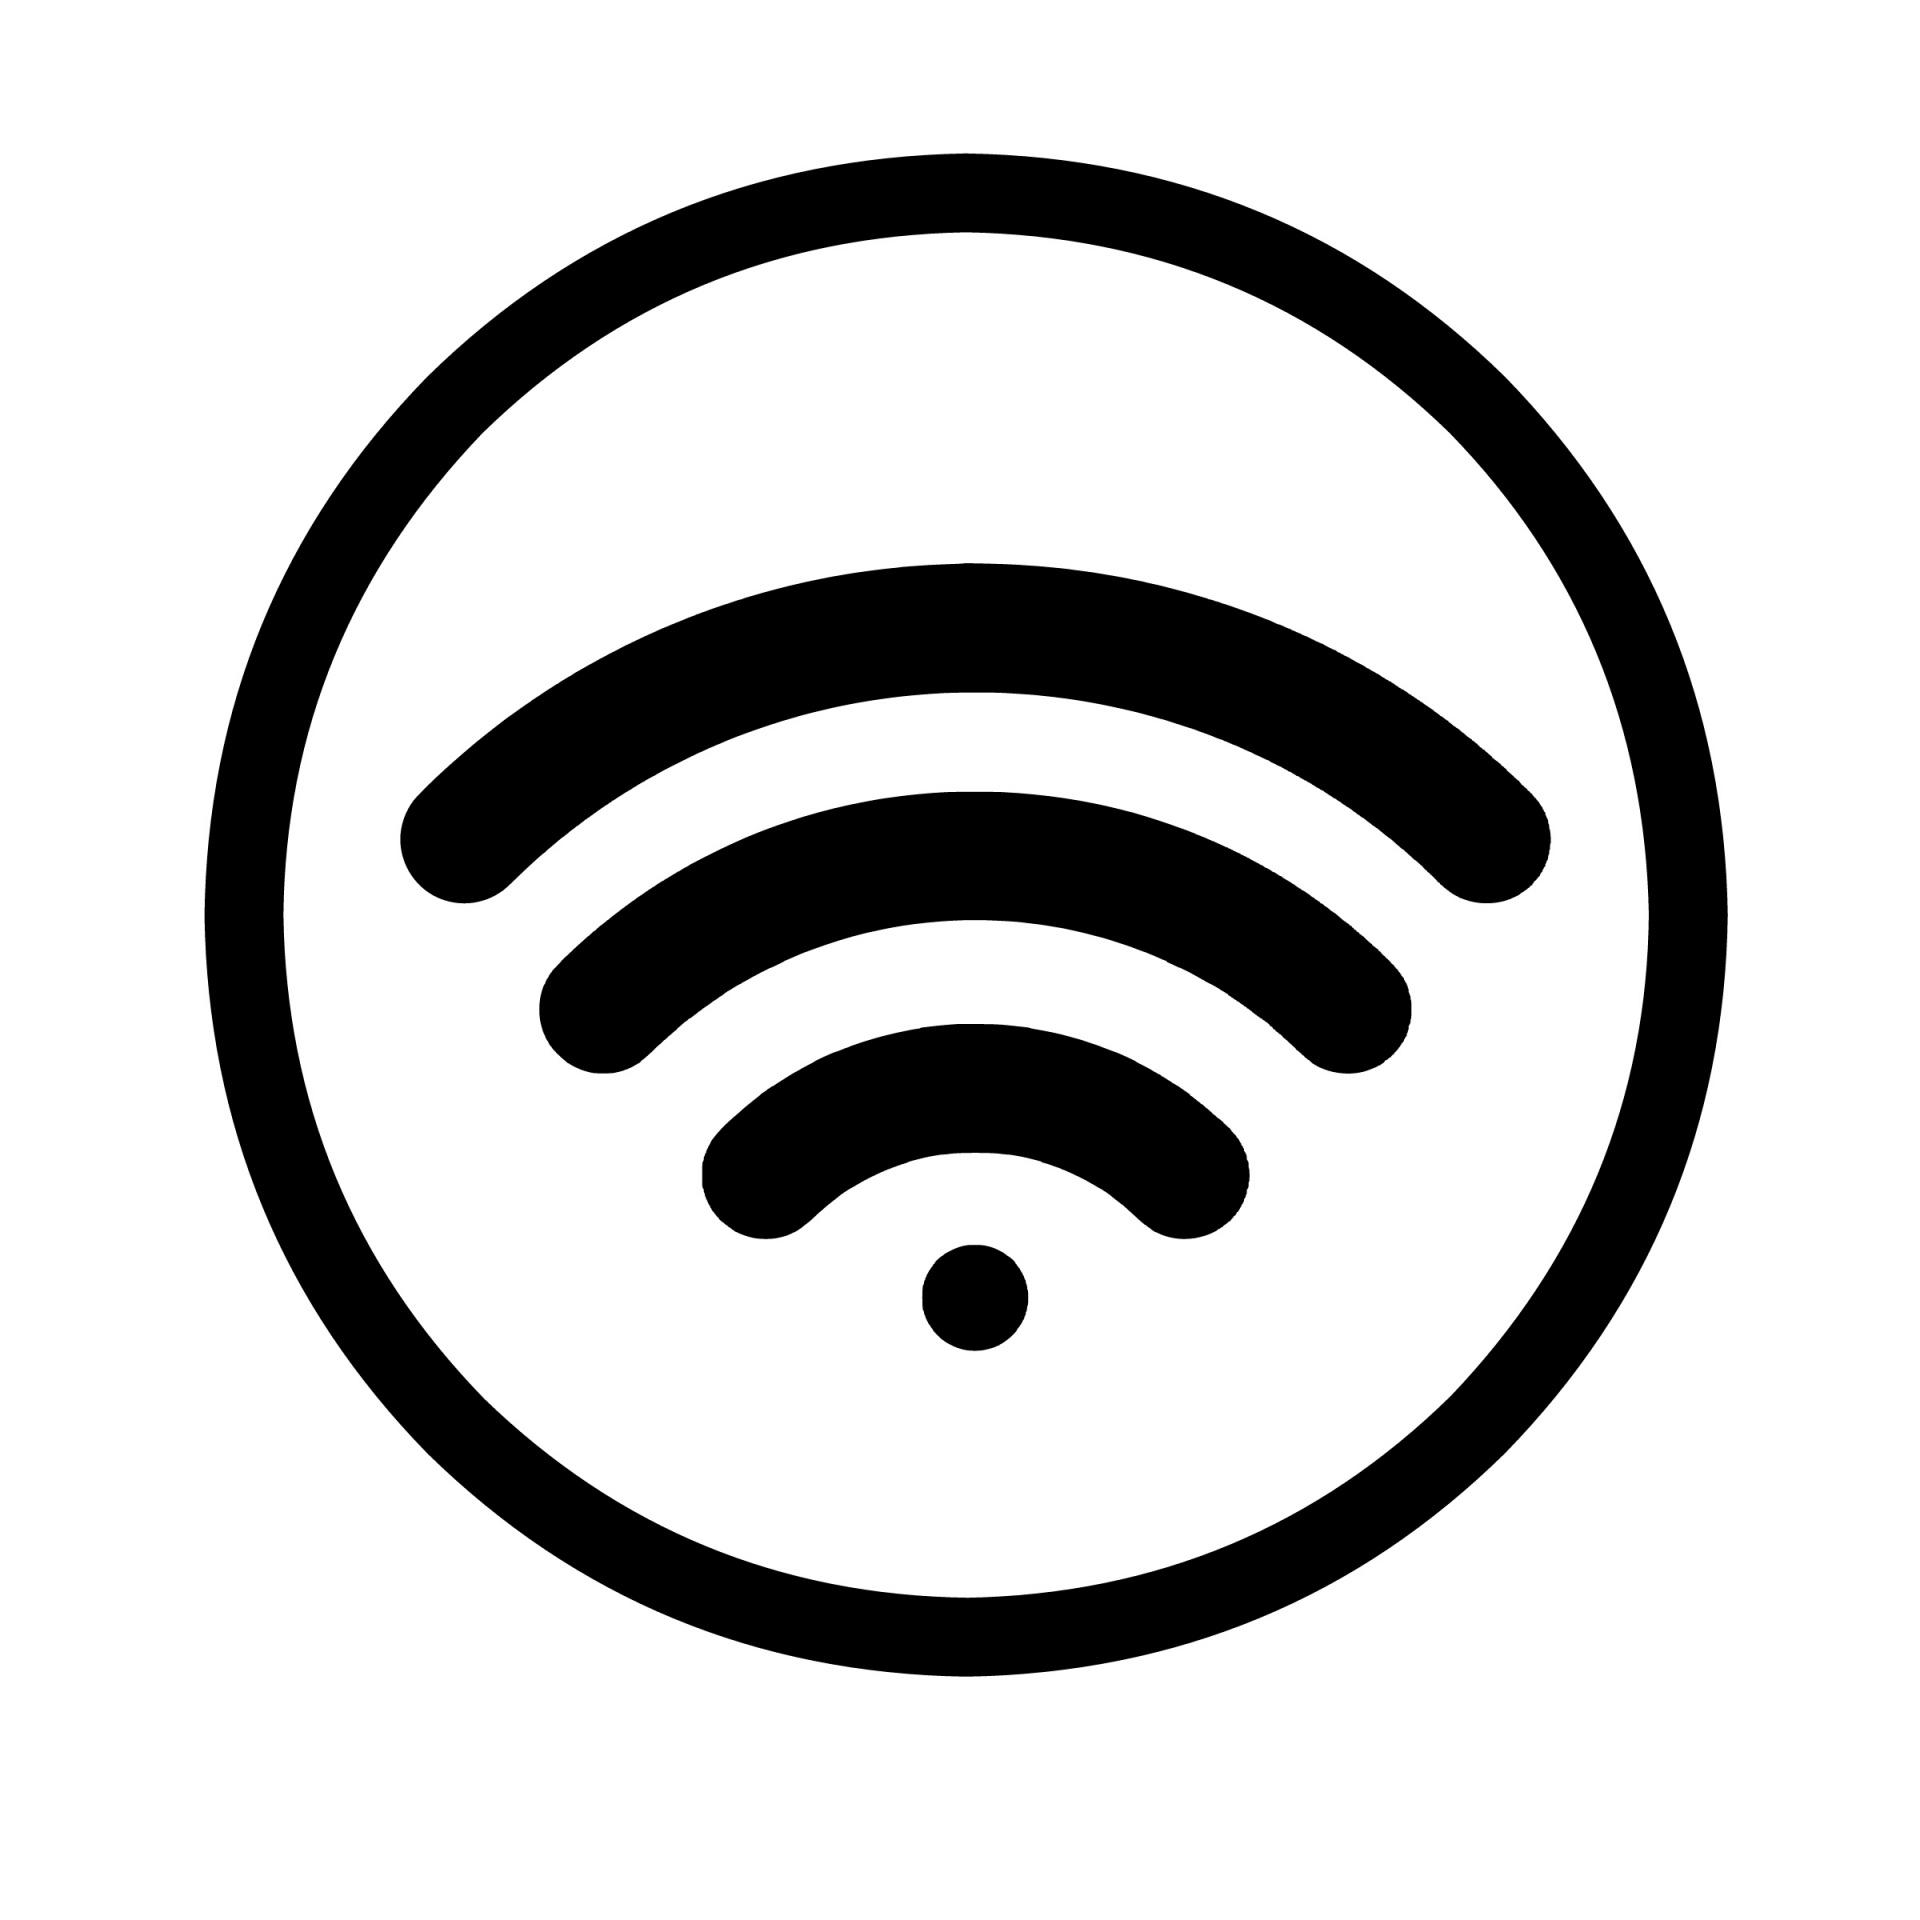 Há alunos e professores sem acesso à internet no interior do distrito de Viseu